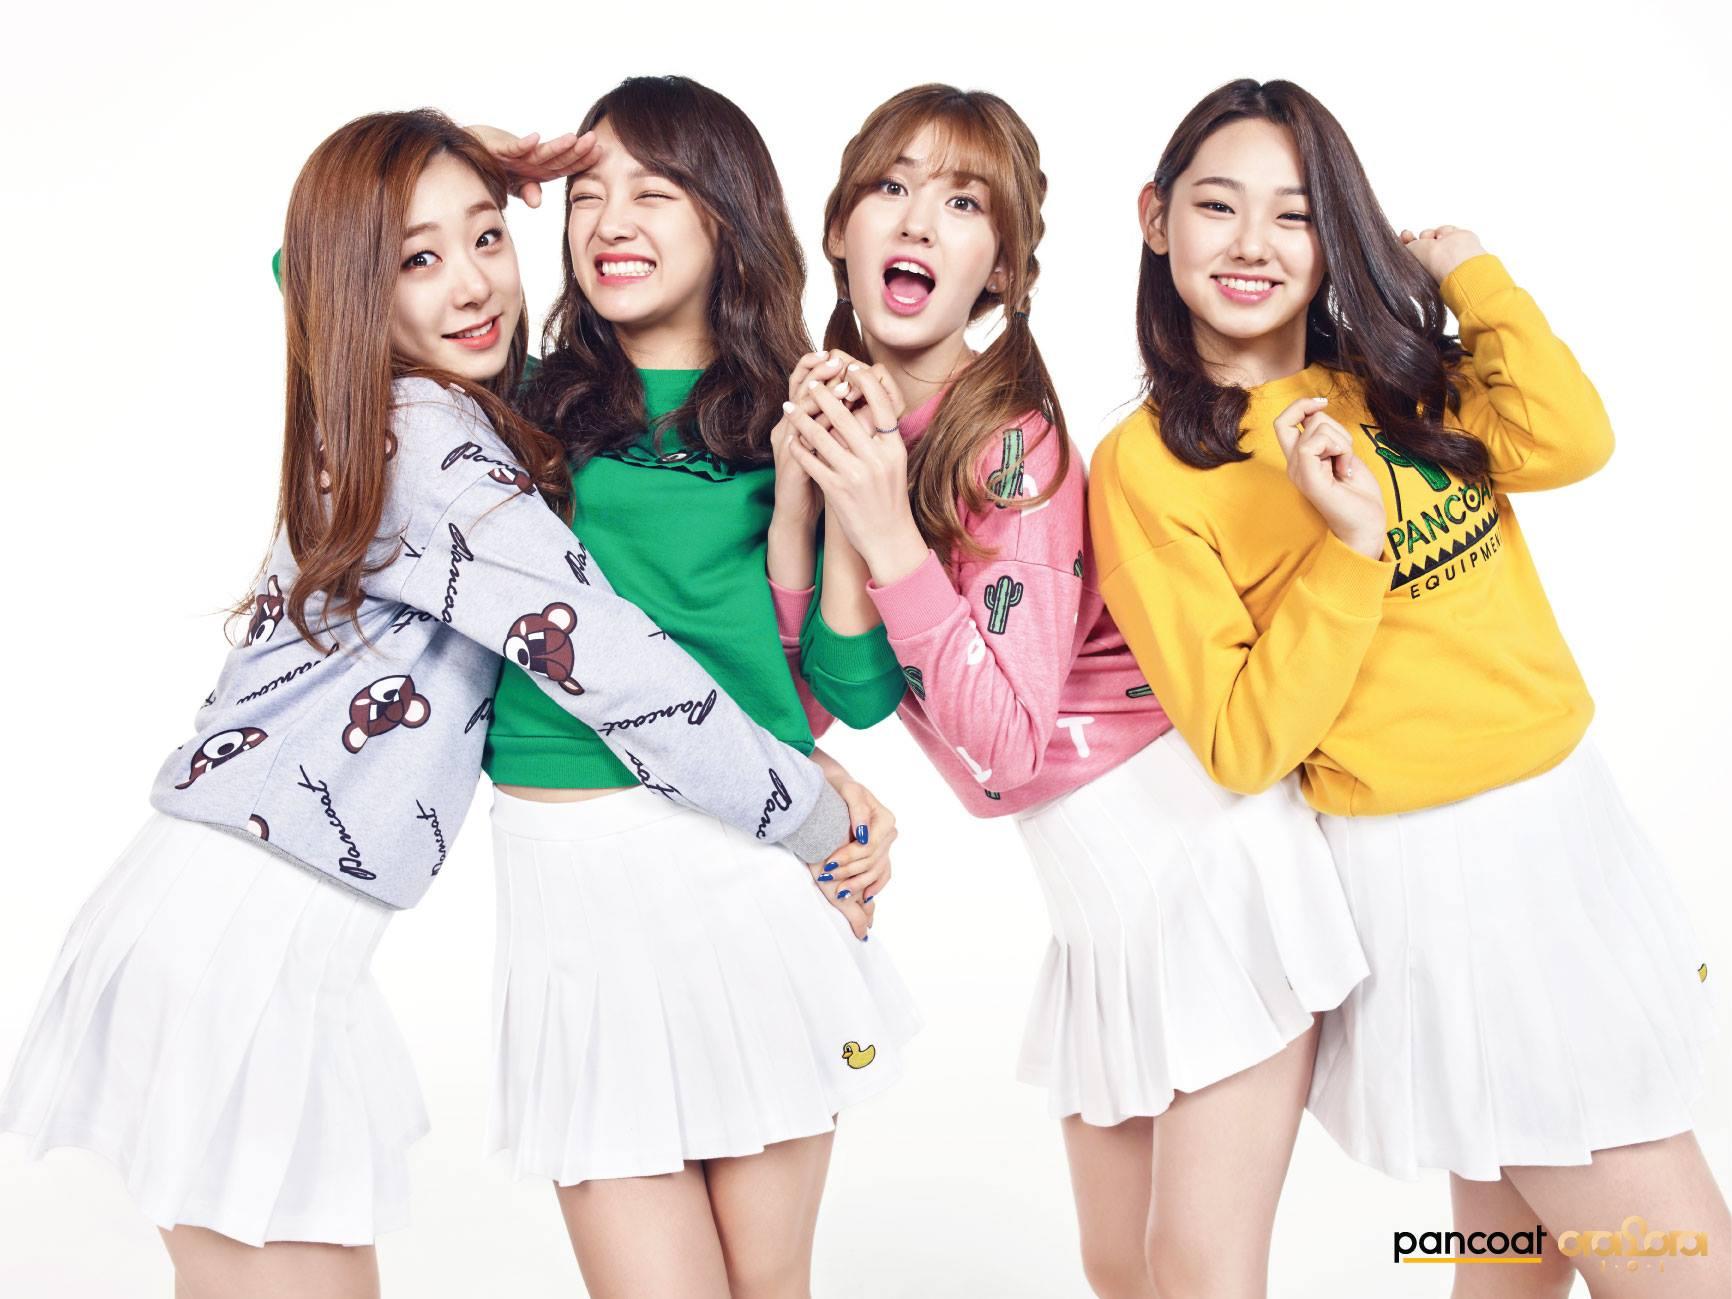 另外加上Somi已透過I.O.I知名度大大提升,是應該要打鐵趁熱為Somi做打算啊~~今天就跟著小編一起來看看「《SIXTEEN》第二季練習生預想名單」,和韓國網友們怎麼說的吧!